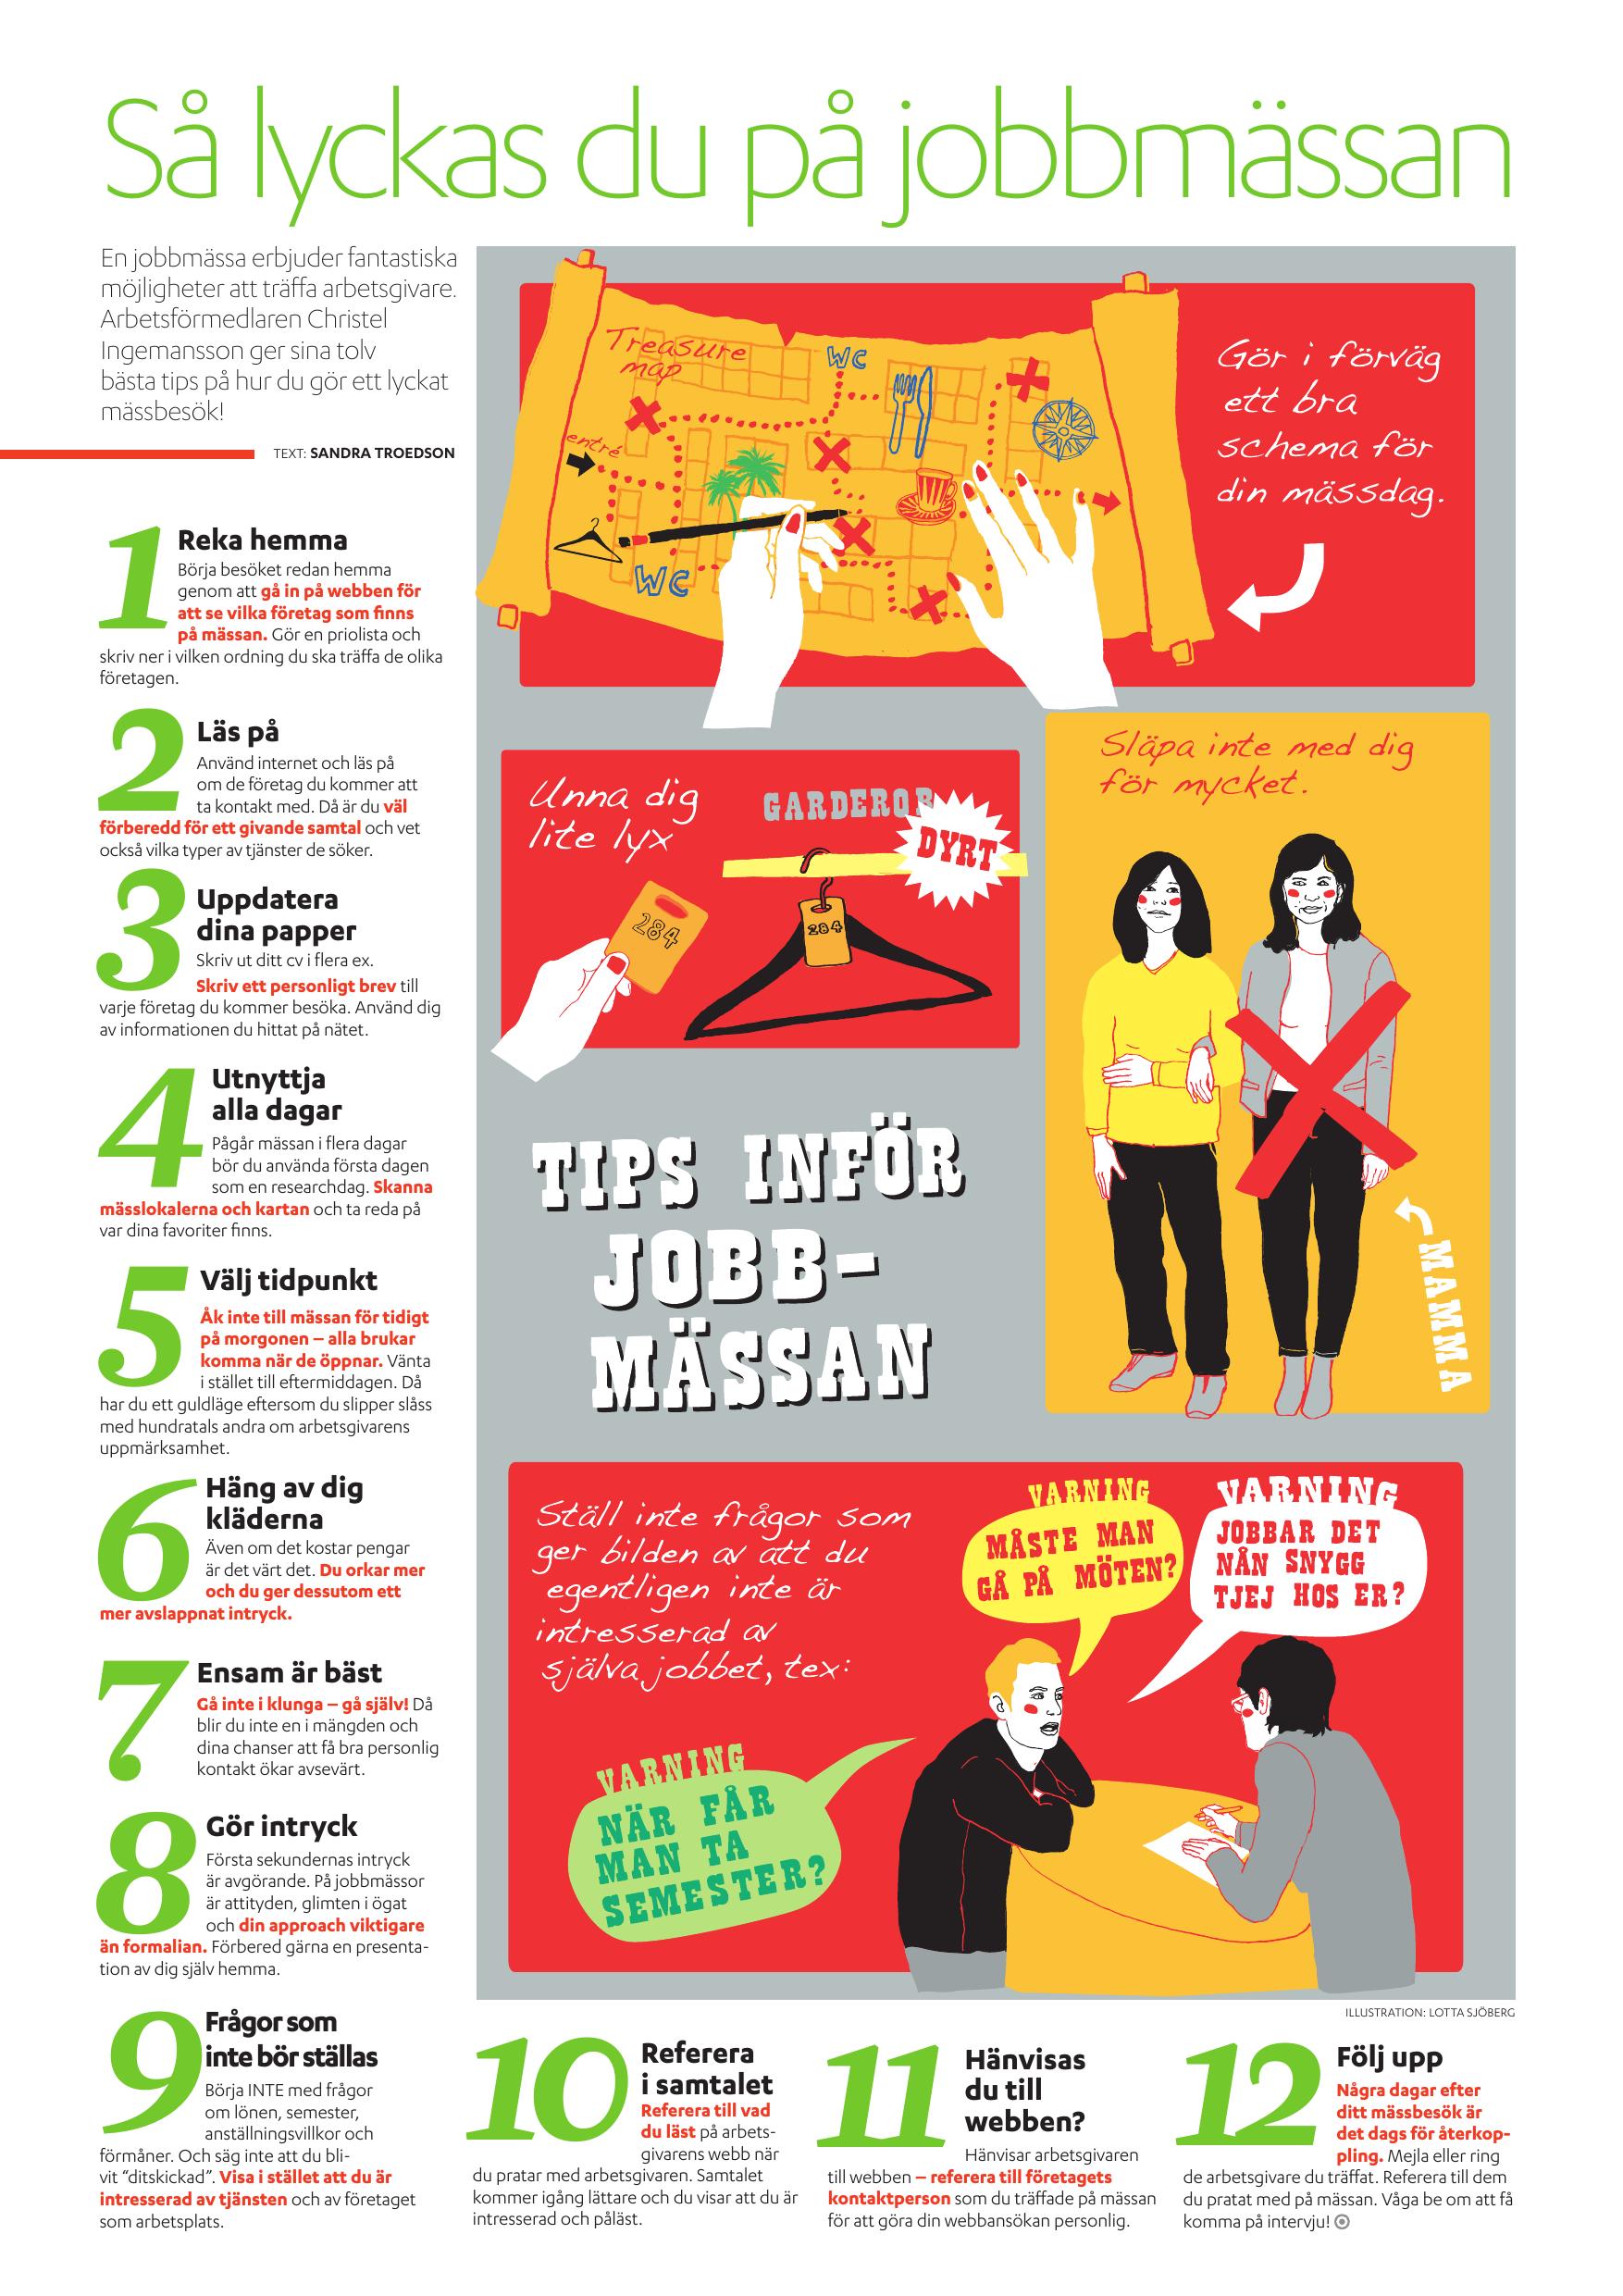 14fa7e5c3db1 Arbetsförmedlaren Christel Ingemansson ger sina tolv bästa tips på hur du  gör ett lyckat mässbesök!